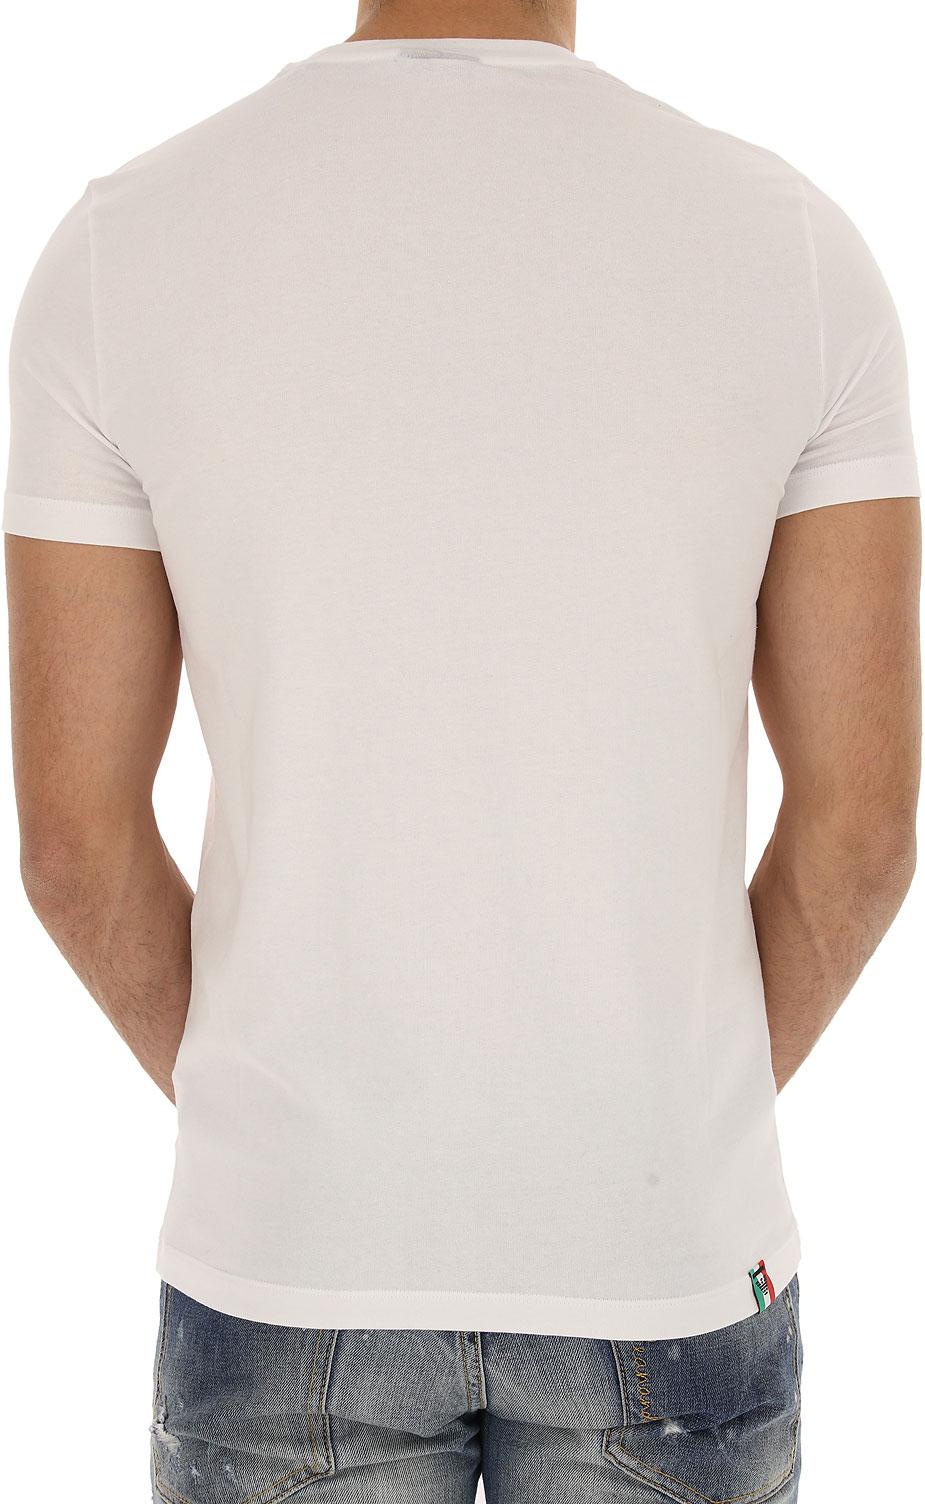 Abbigliamento Uomo Emporio Armani, Codice Articolo: 3z1t95-1j11z-0100